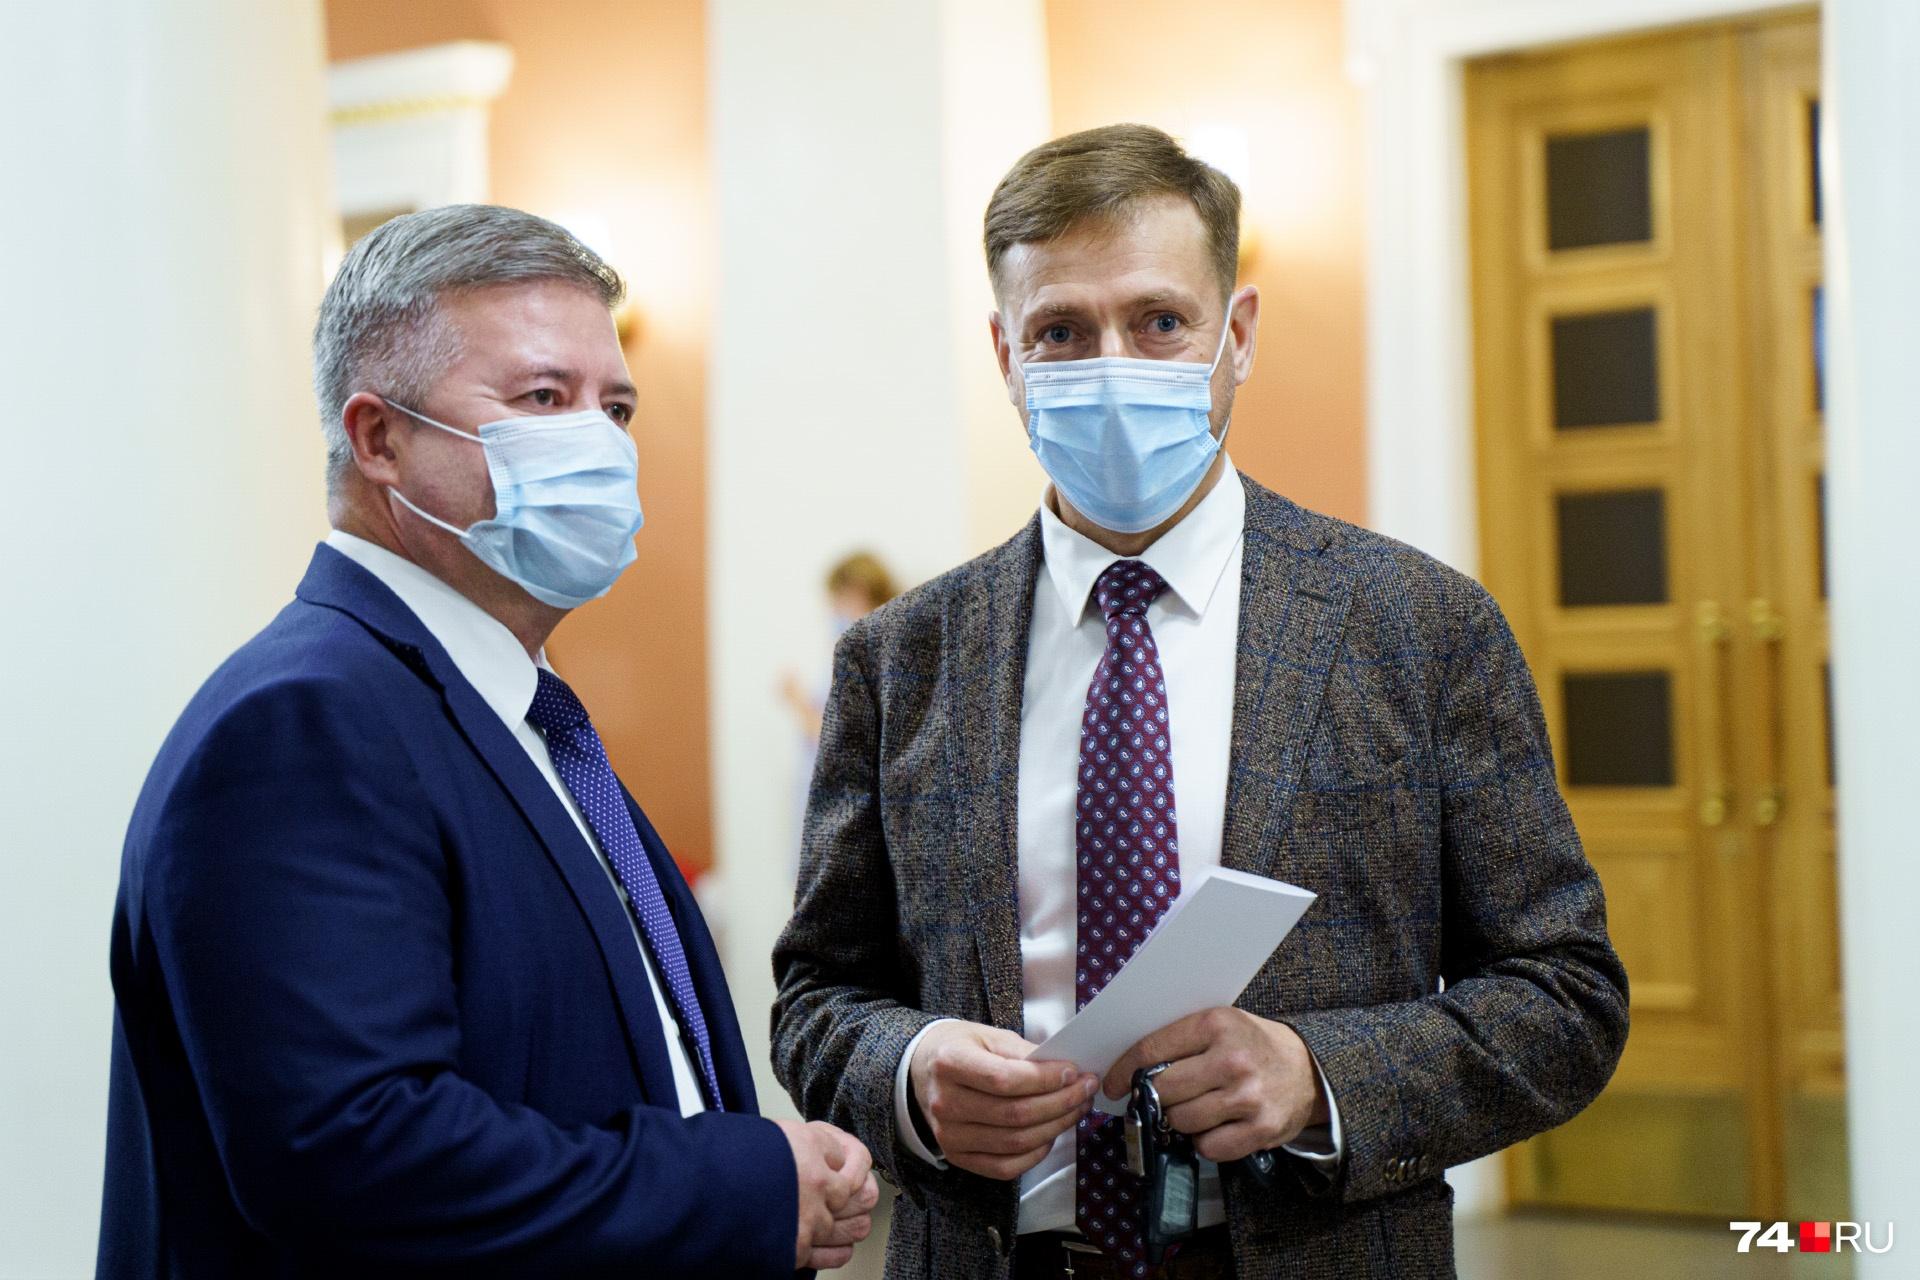 Министр здравоохранения Юрий Семёнов успел поговорить и с вице-губернатором Станиславом Мошаровым...